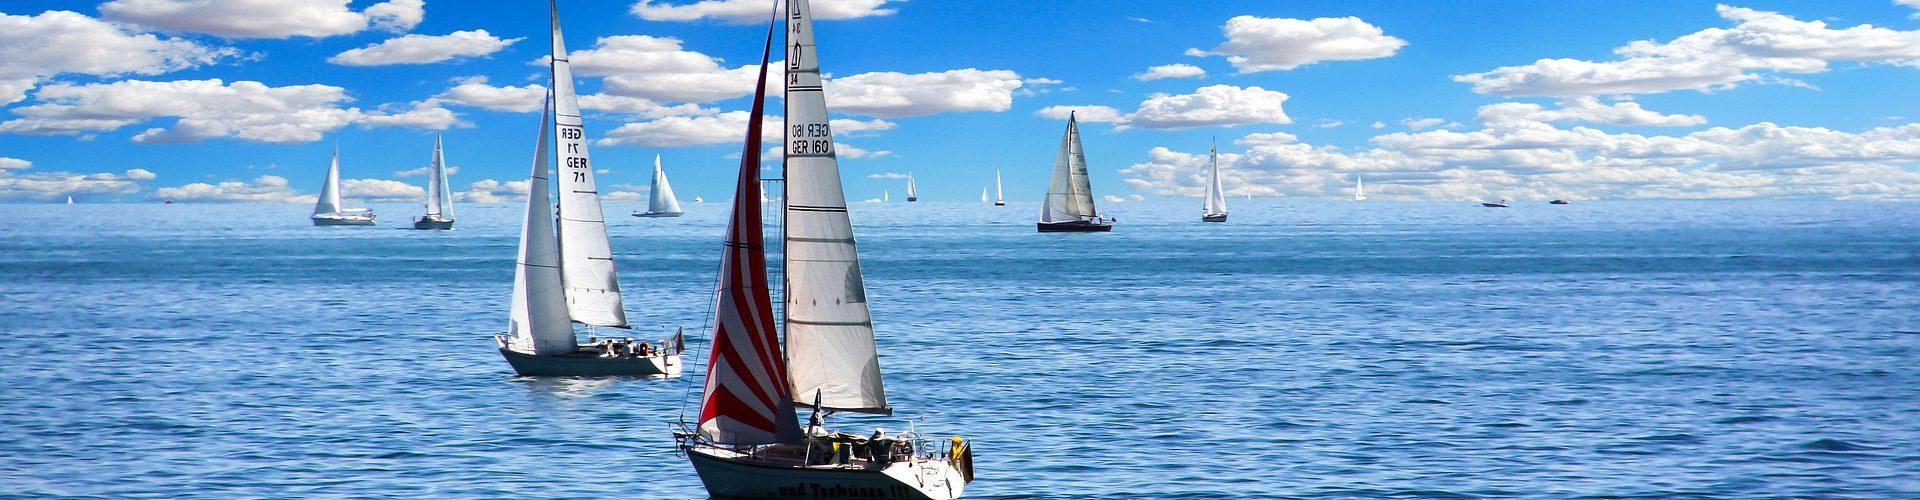 segeln lernen in Suhl segelschein machen in Suhl 1920x500 - Segeln lernen in Suhl